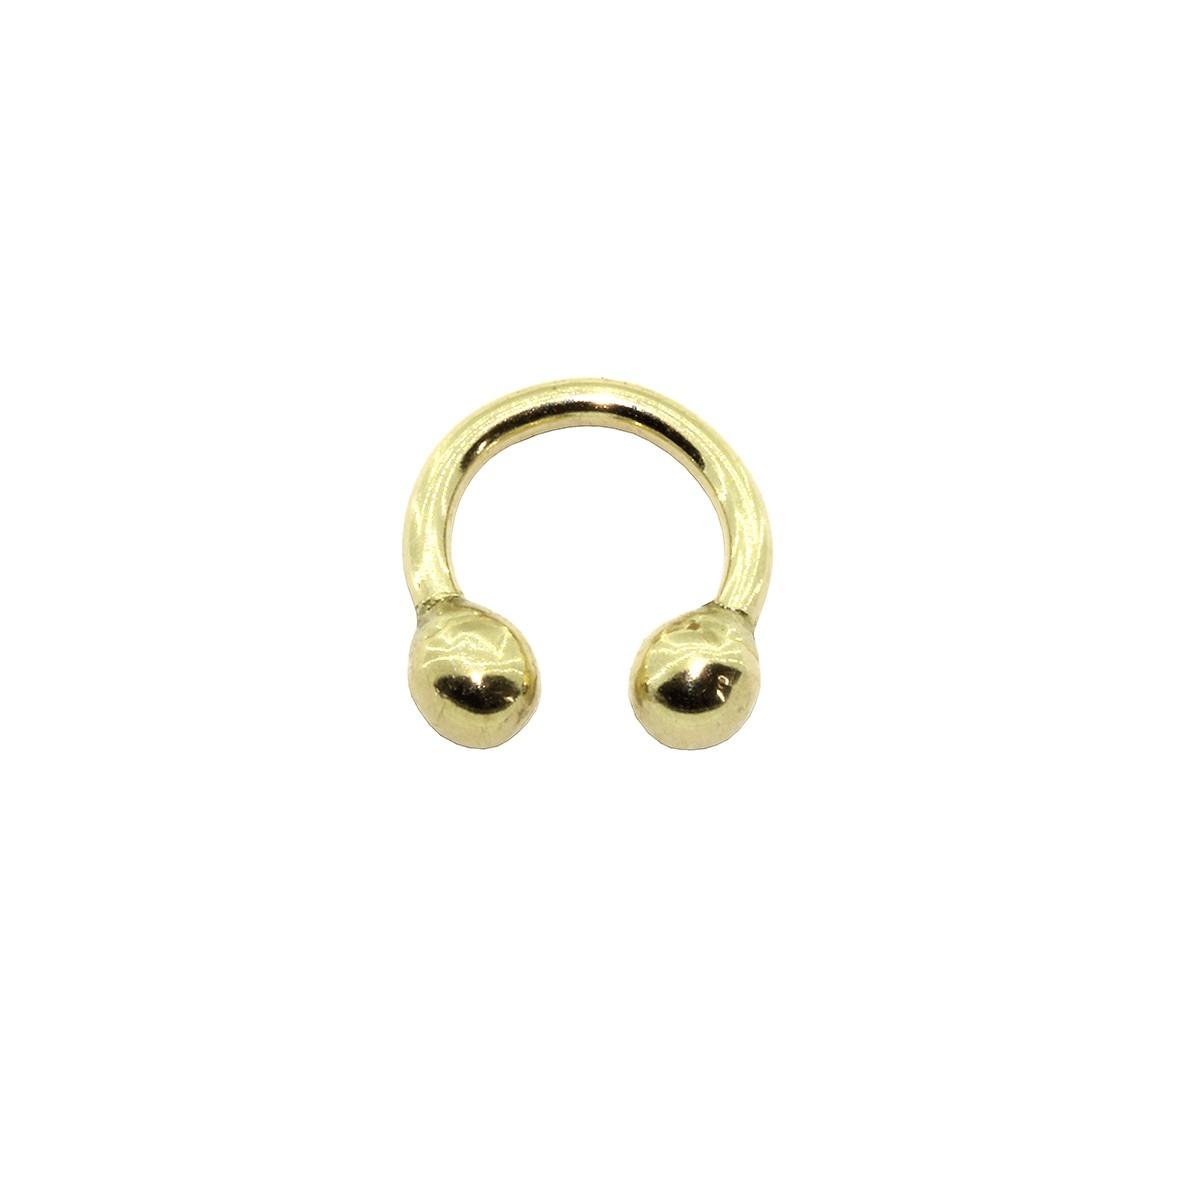 Piercing Helix - Tragus - Hook - Septo em Ouro 18k Ferradura Tradicional